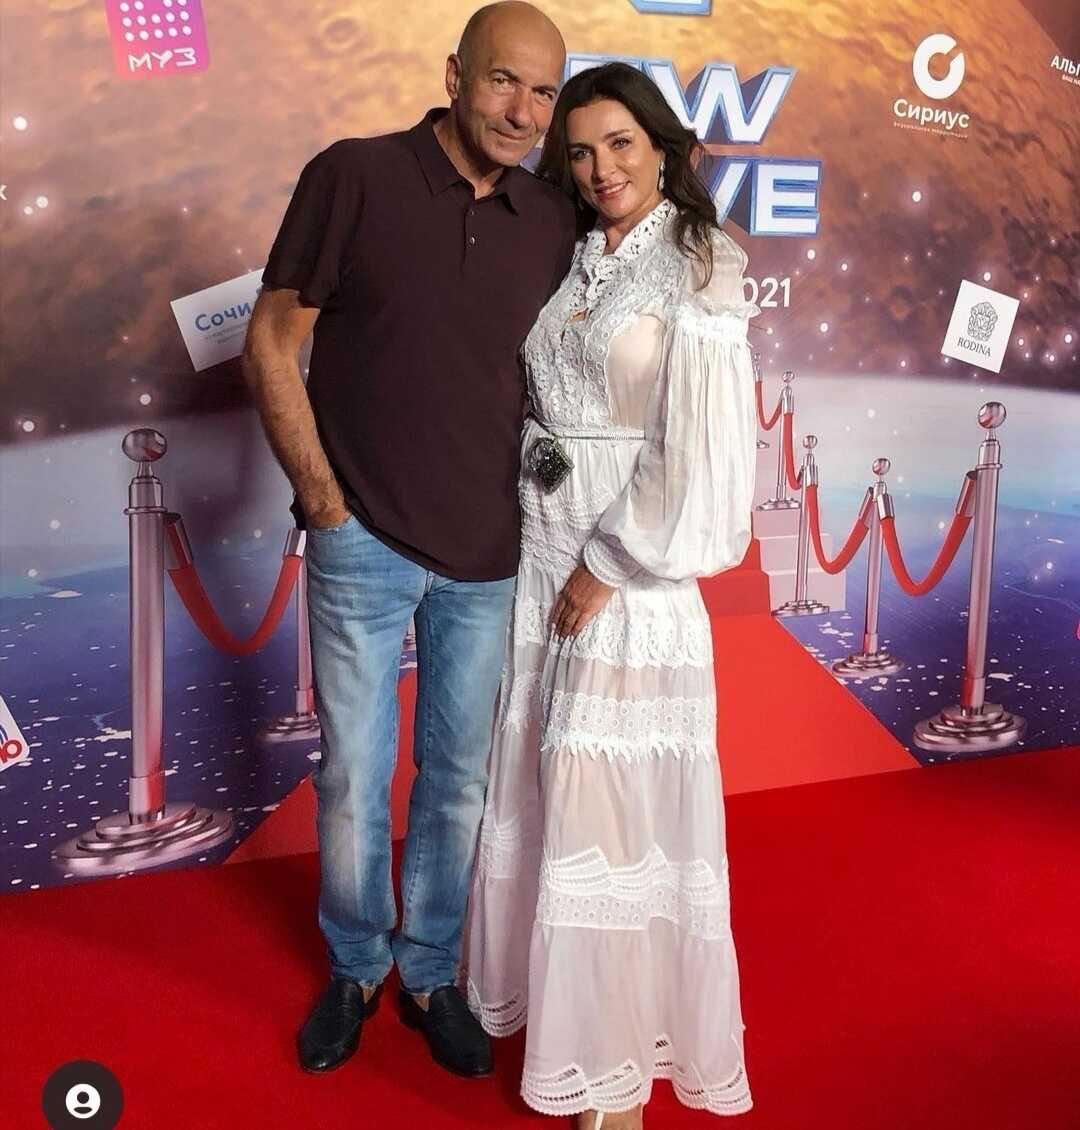 «Перестали прятаться?»: Филиппа Киркорова и Давида Манукяна представили в качестве пары на музыкальном фестивале